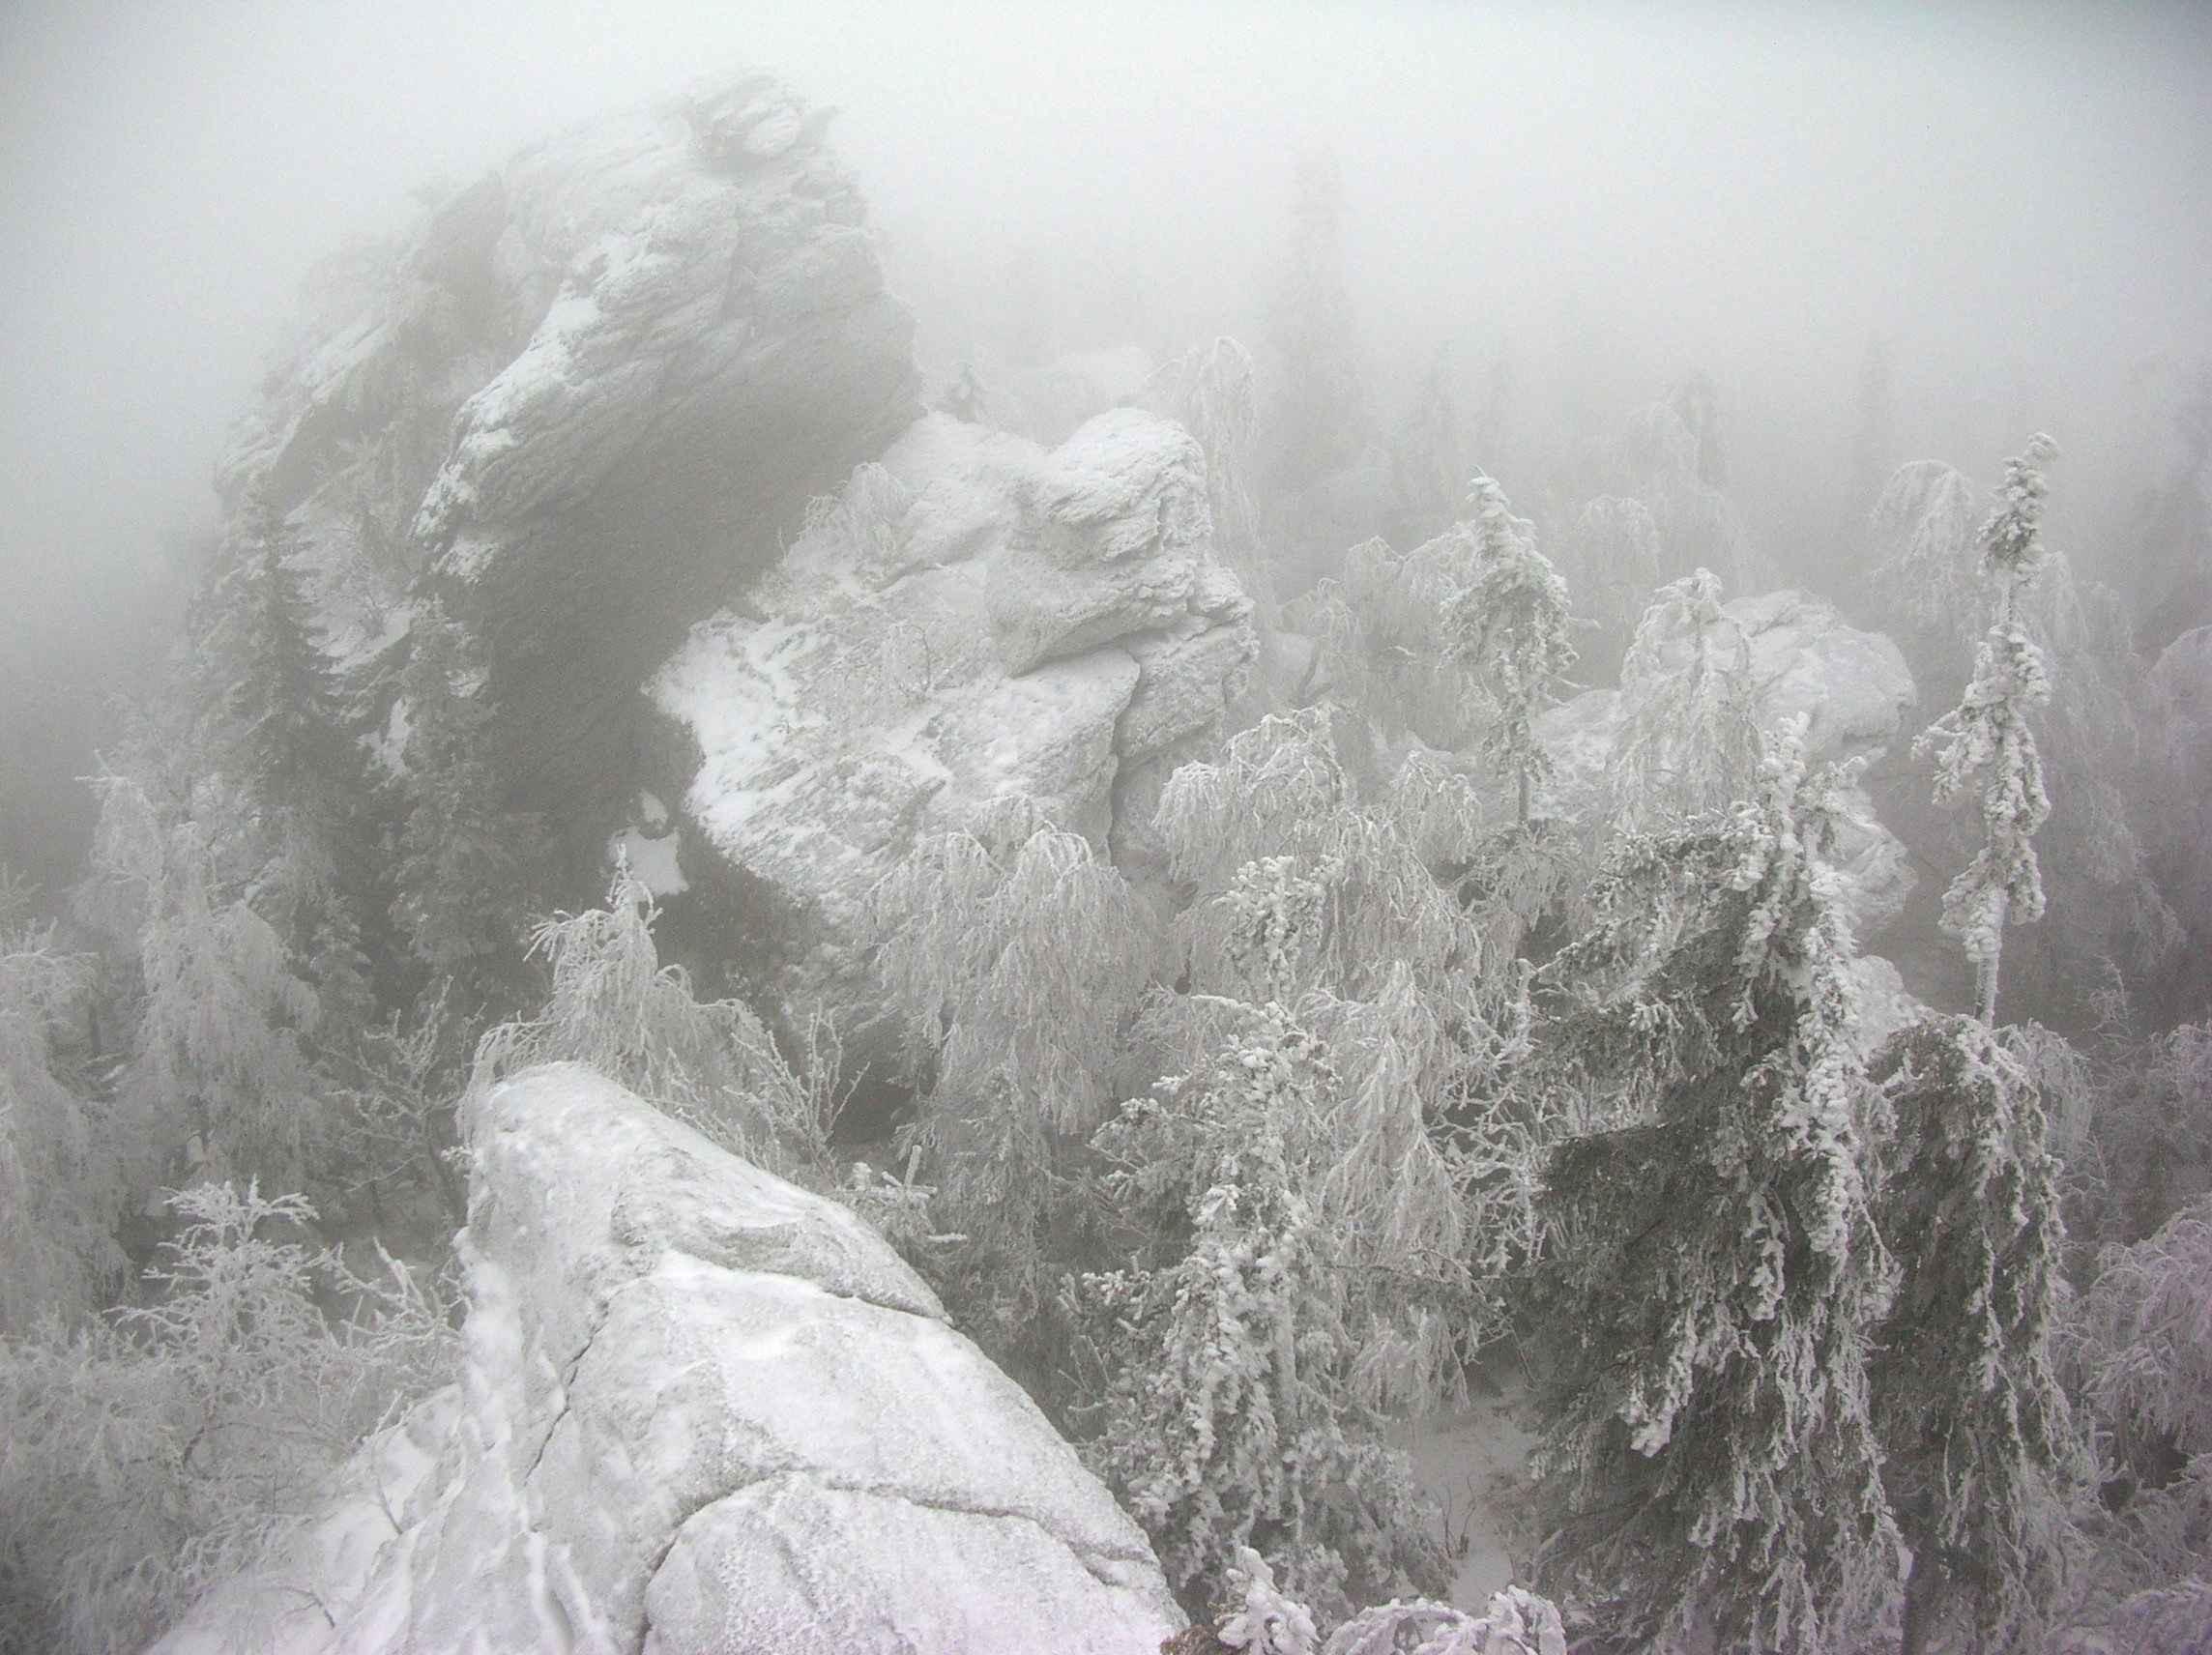 بالصور روسيا في الشتاء ,من اجمل الصور الشتوية التي ممكن تراها في روسيا 4070 5